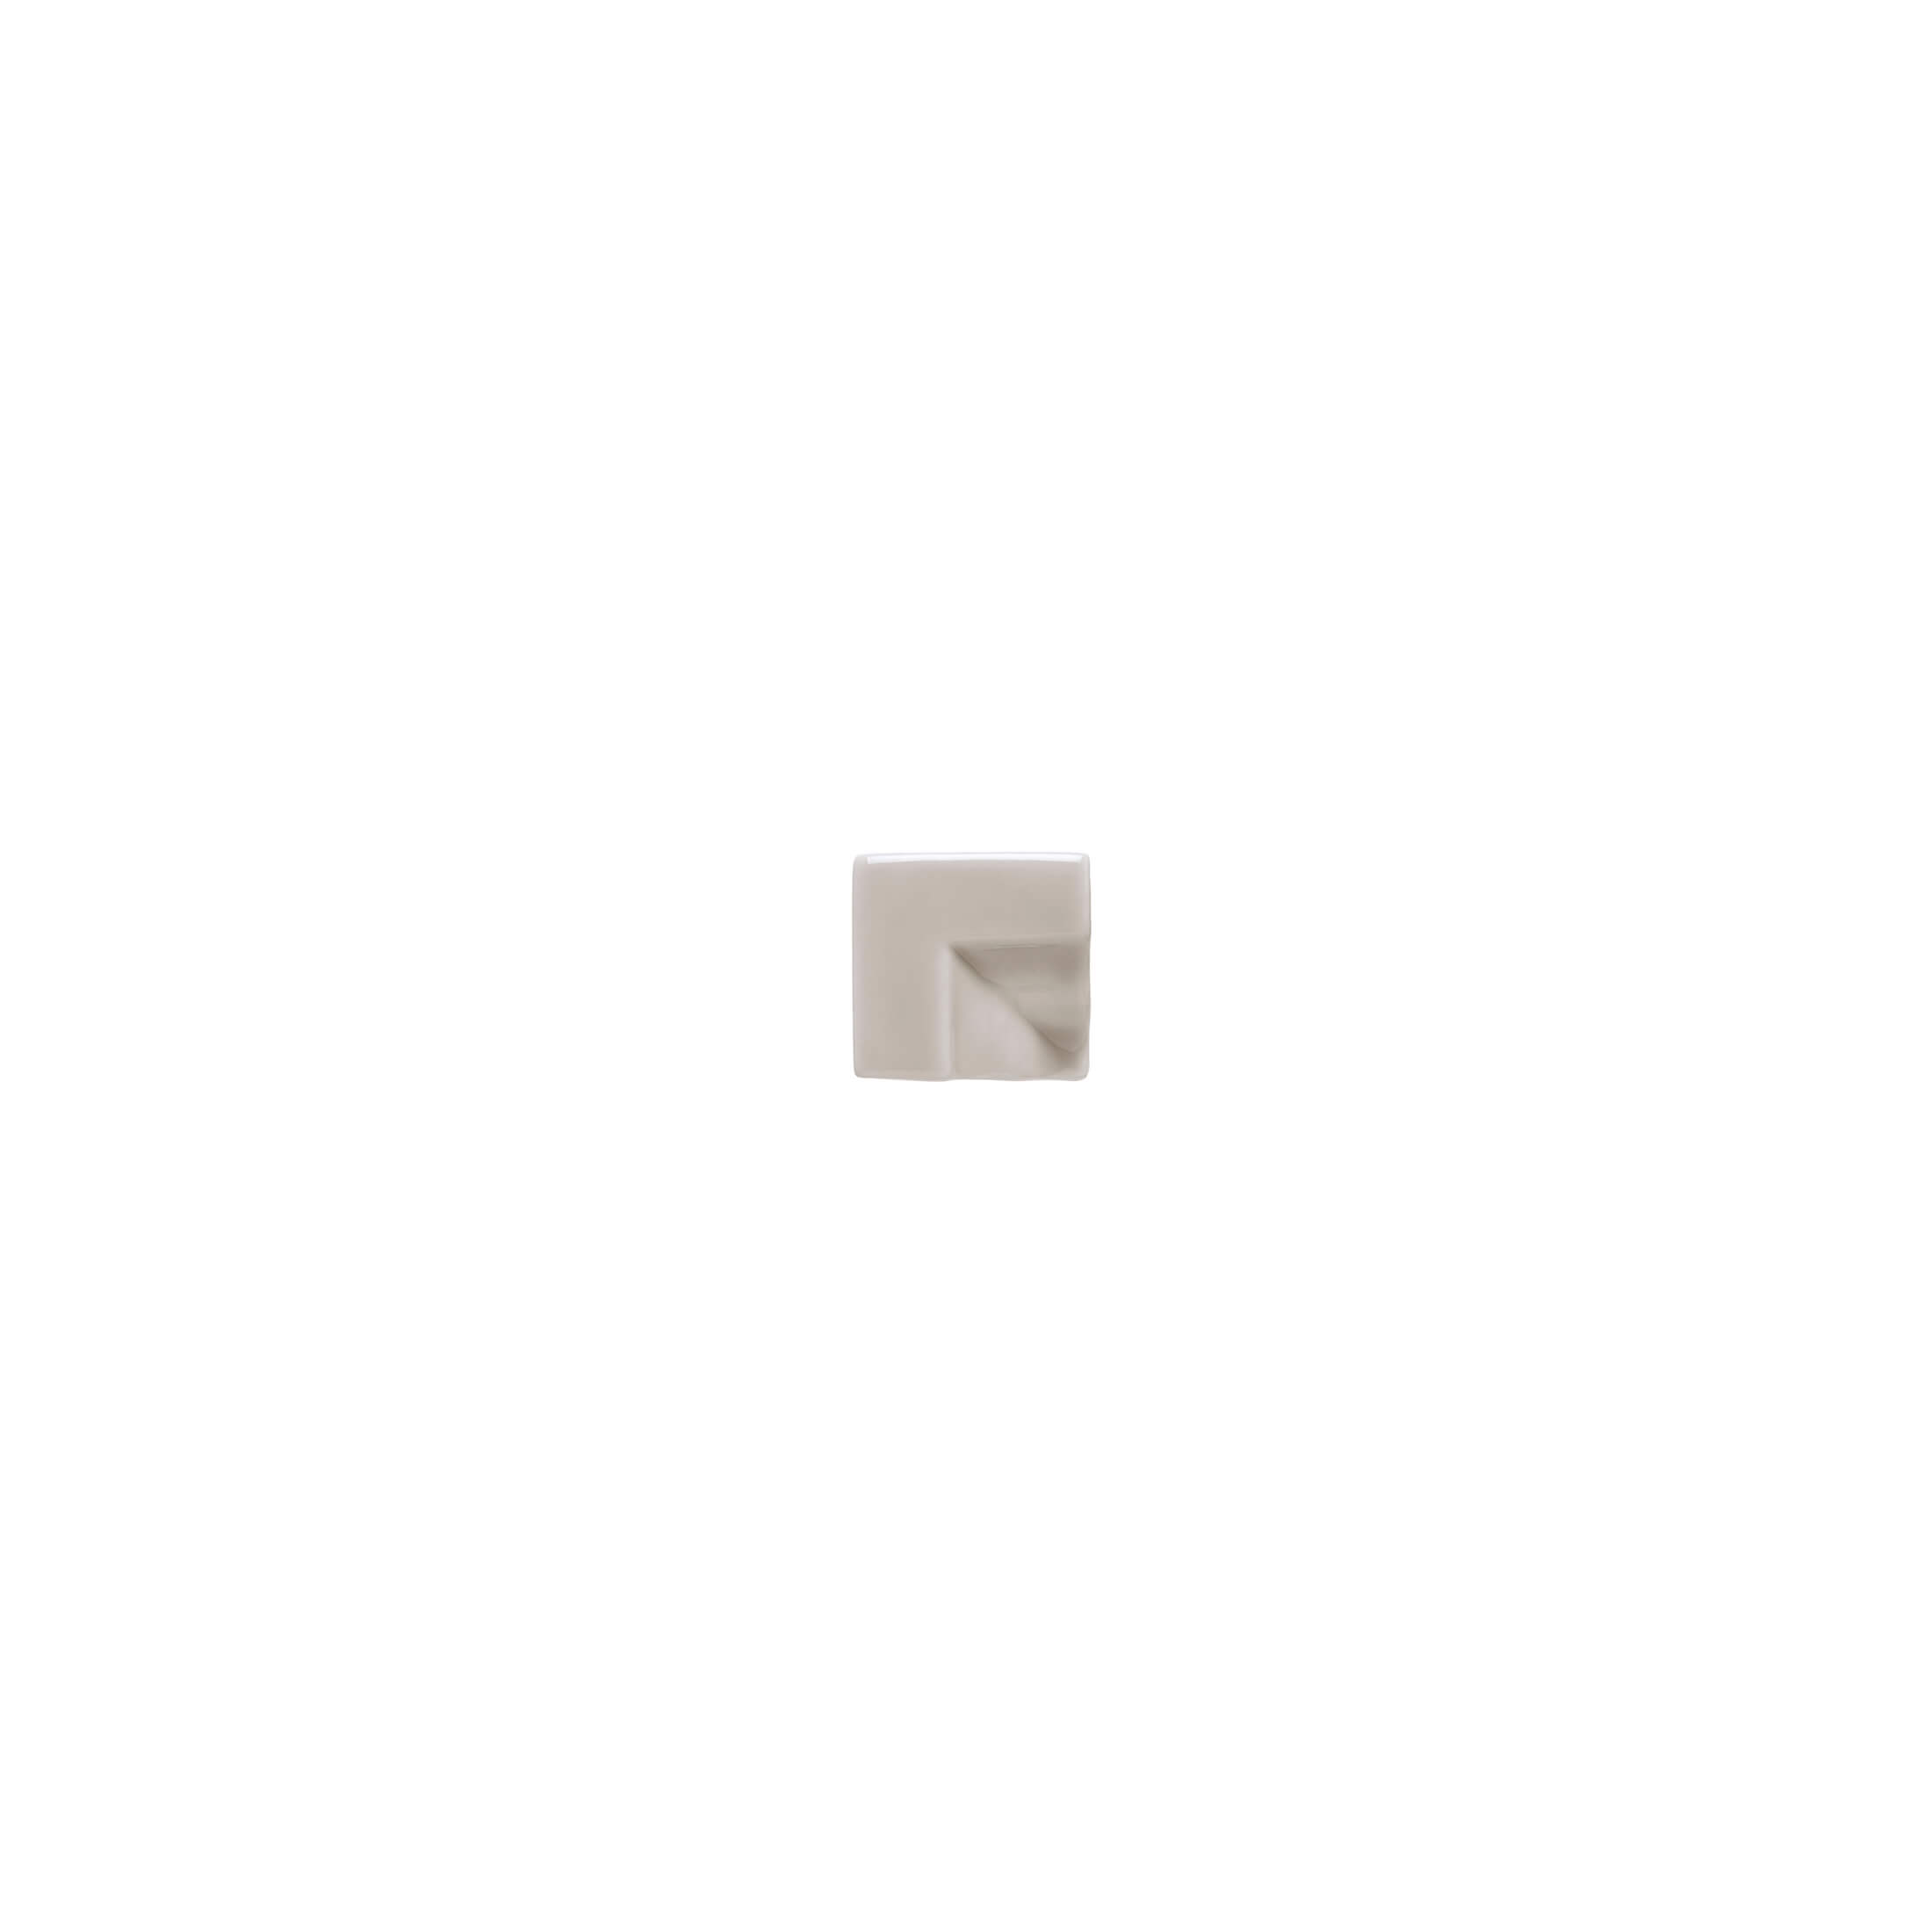 ADNE5485 - ANGULO MARCO CORNISACLASICA - 3.5 cm X 15 cm